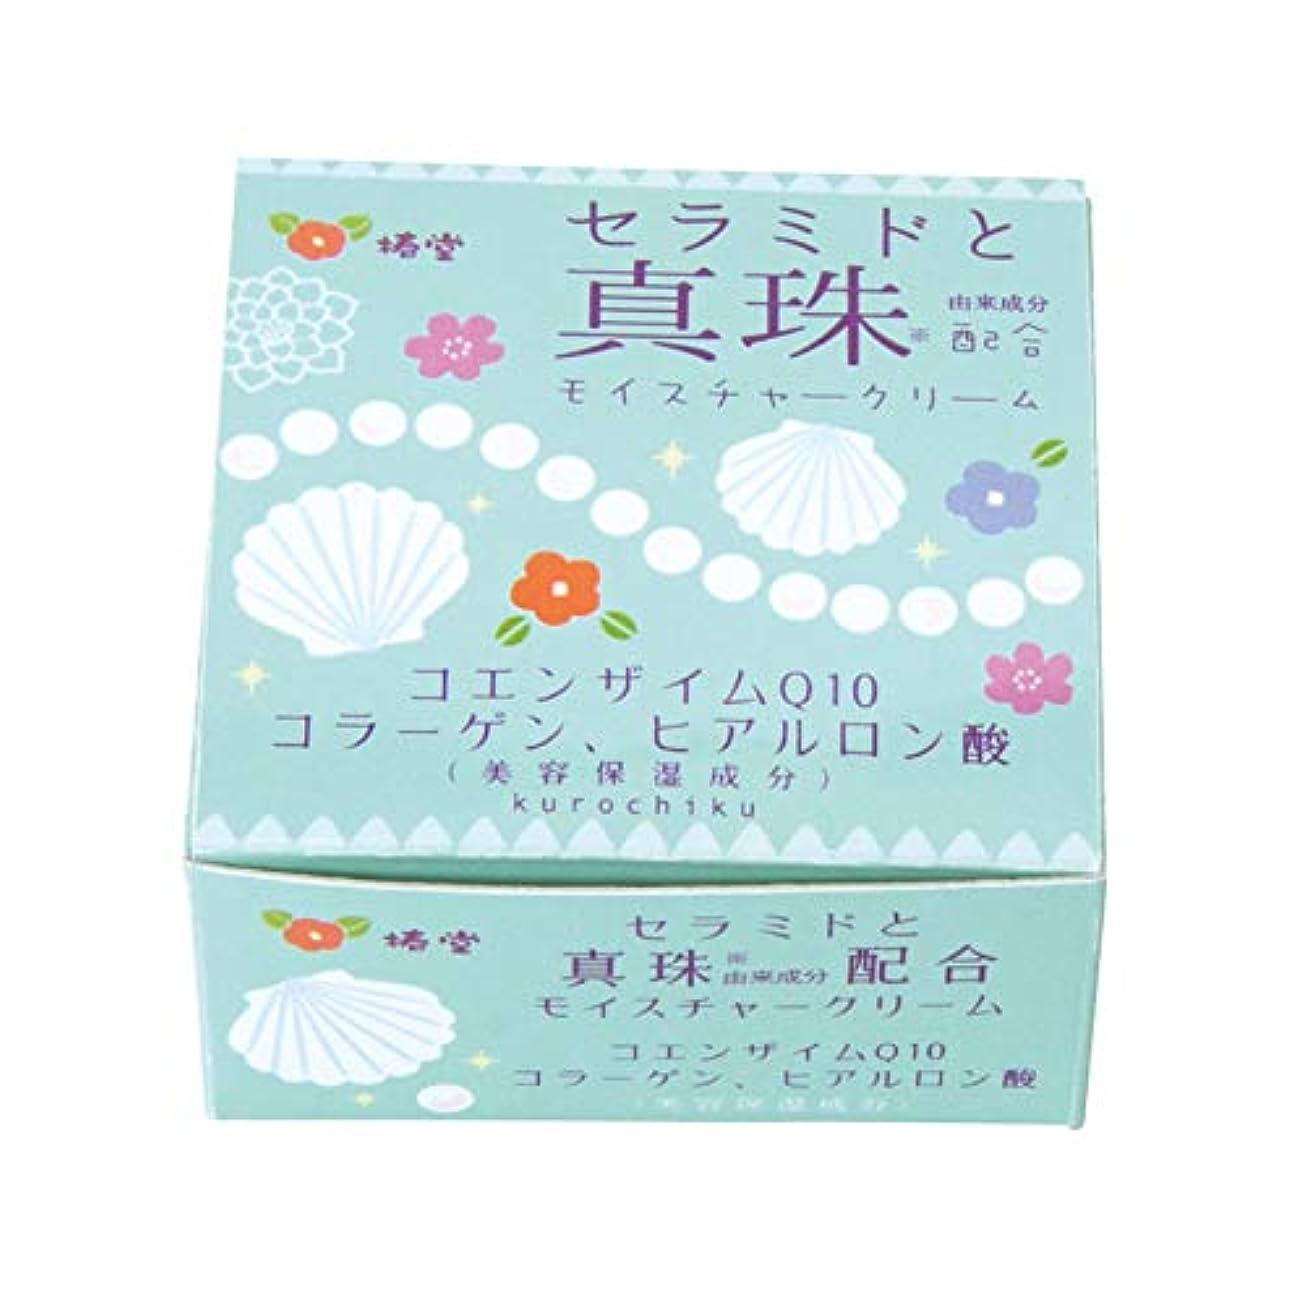 戻す変更友情椿堂 真珠モイスチャークリーム (セラミドと真珠) 京都くろちく